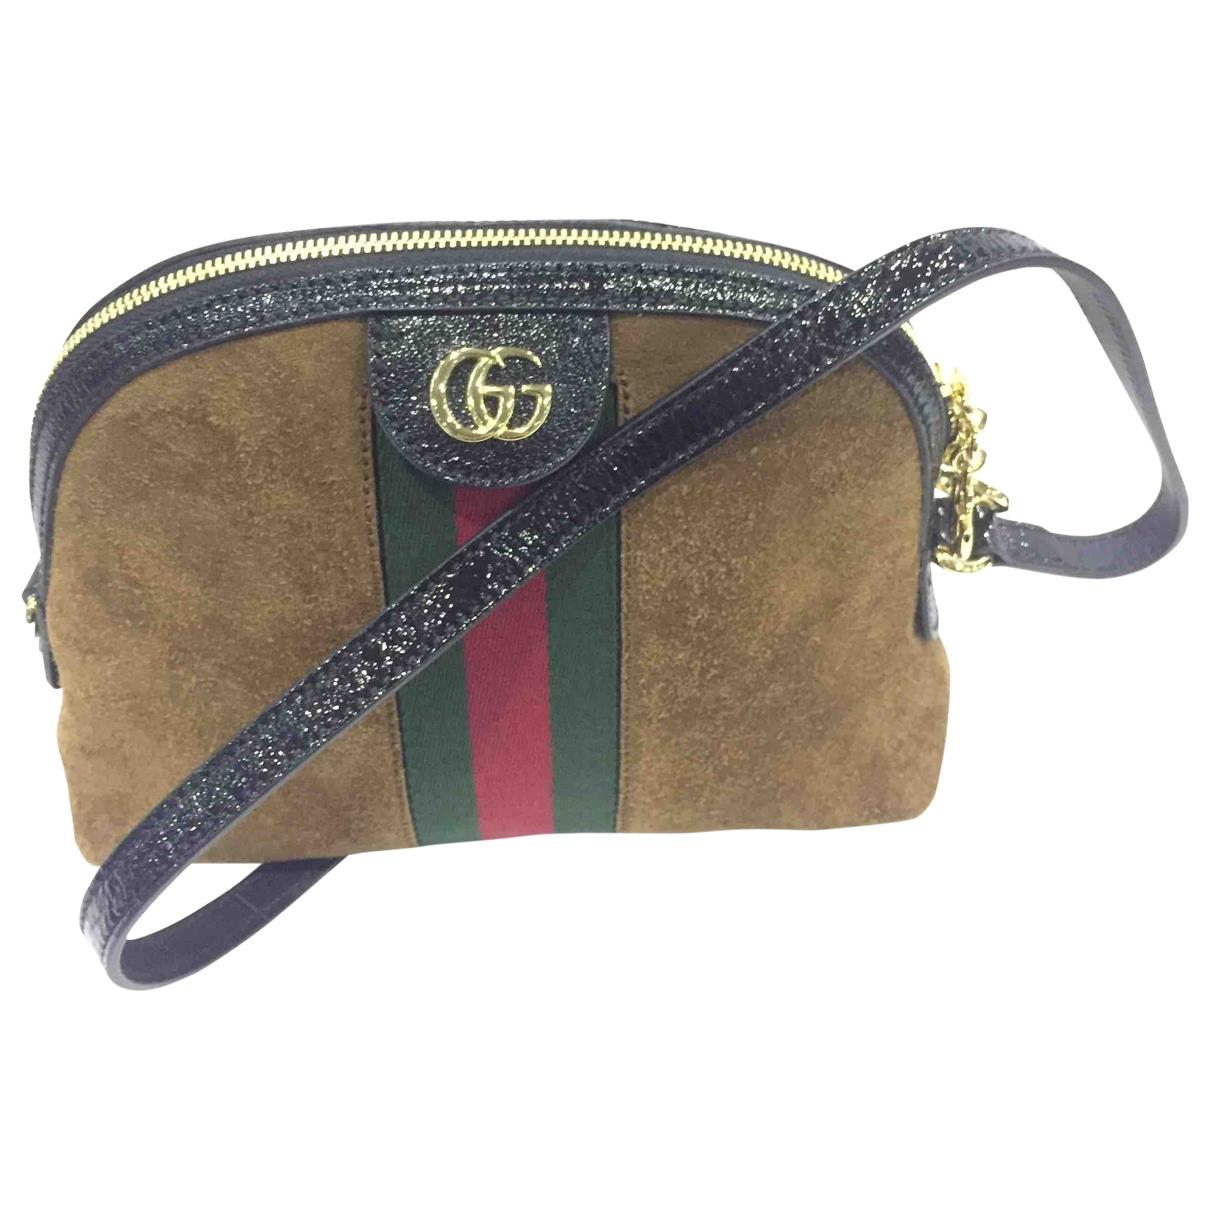 Gucci Ophidia Handtasche in  Bunt Veloursleder